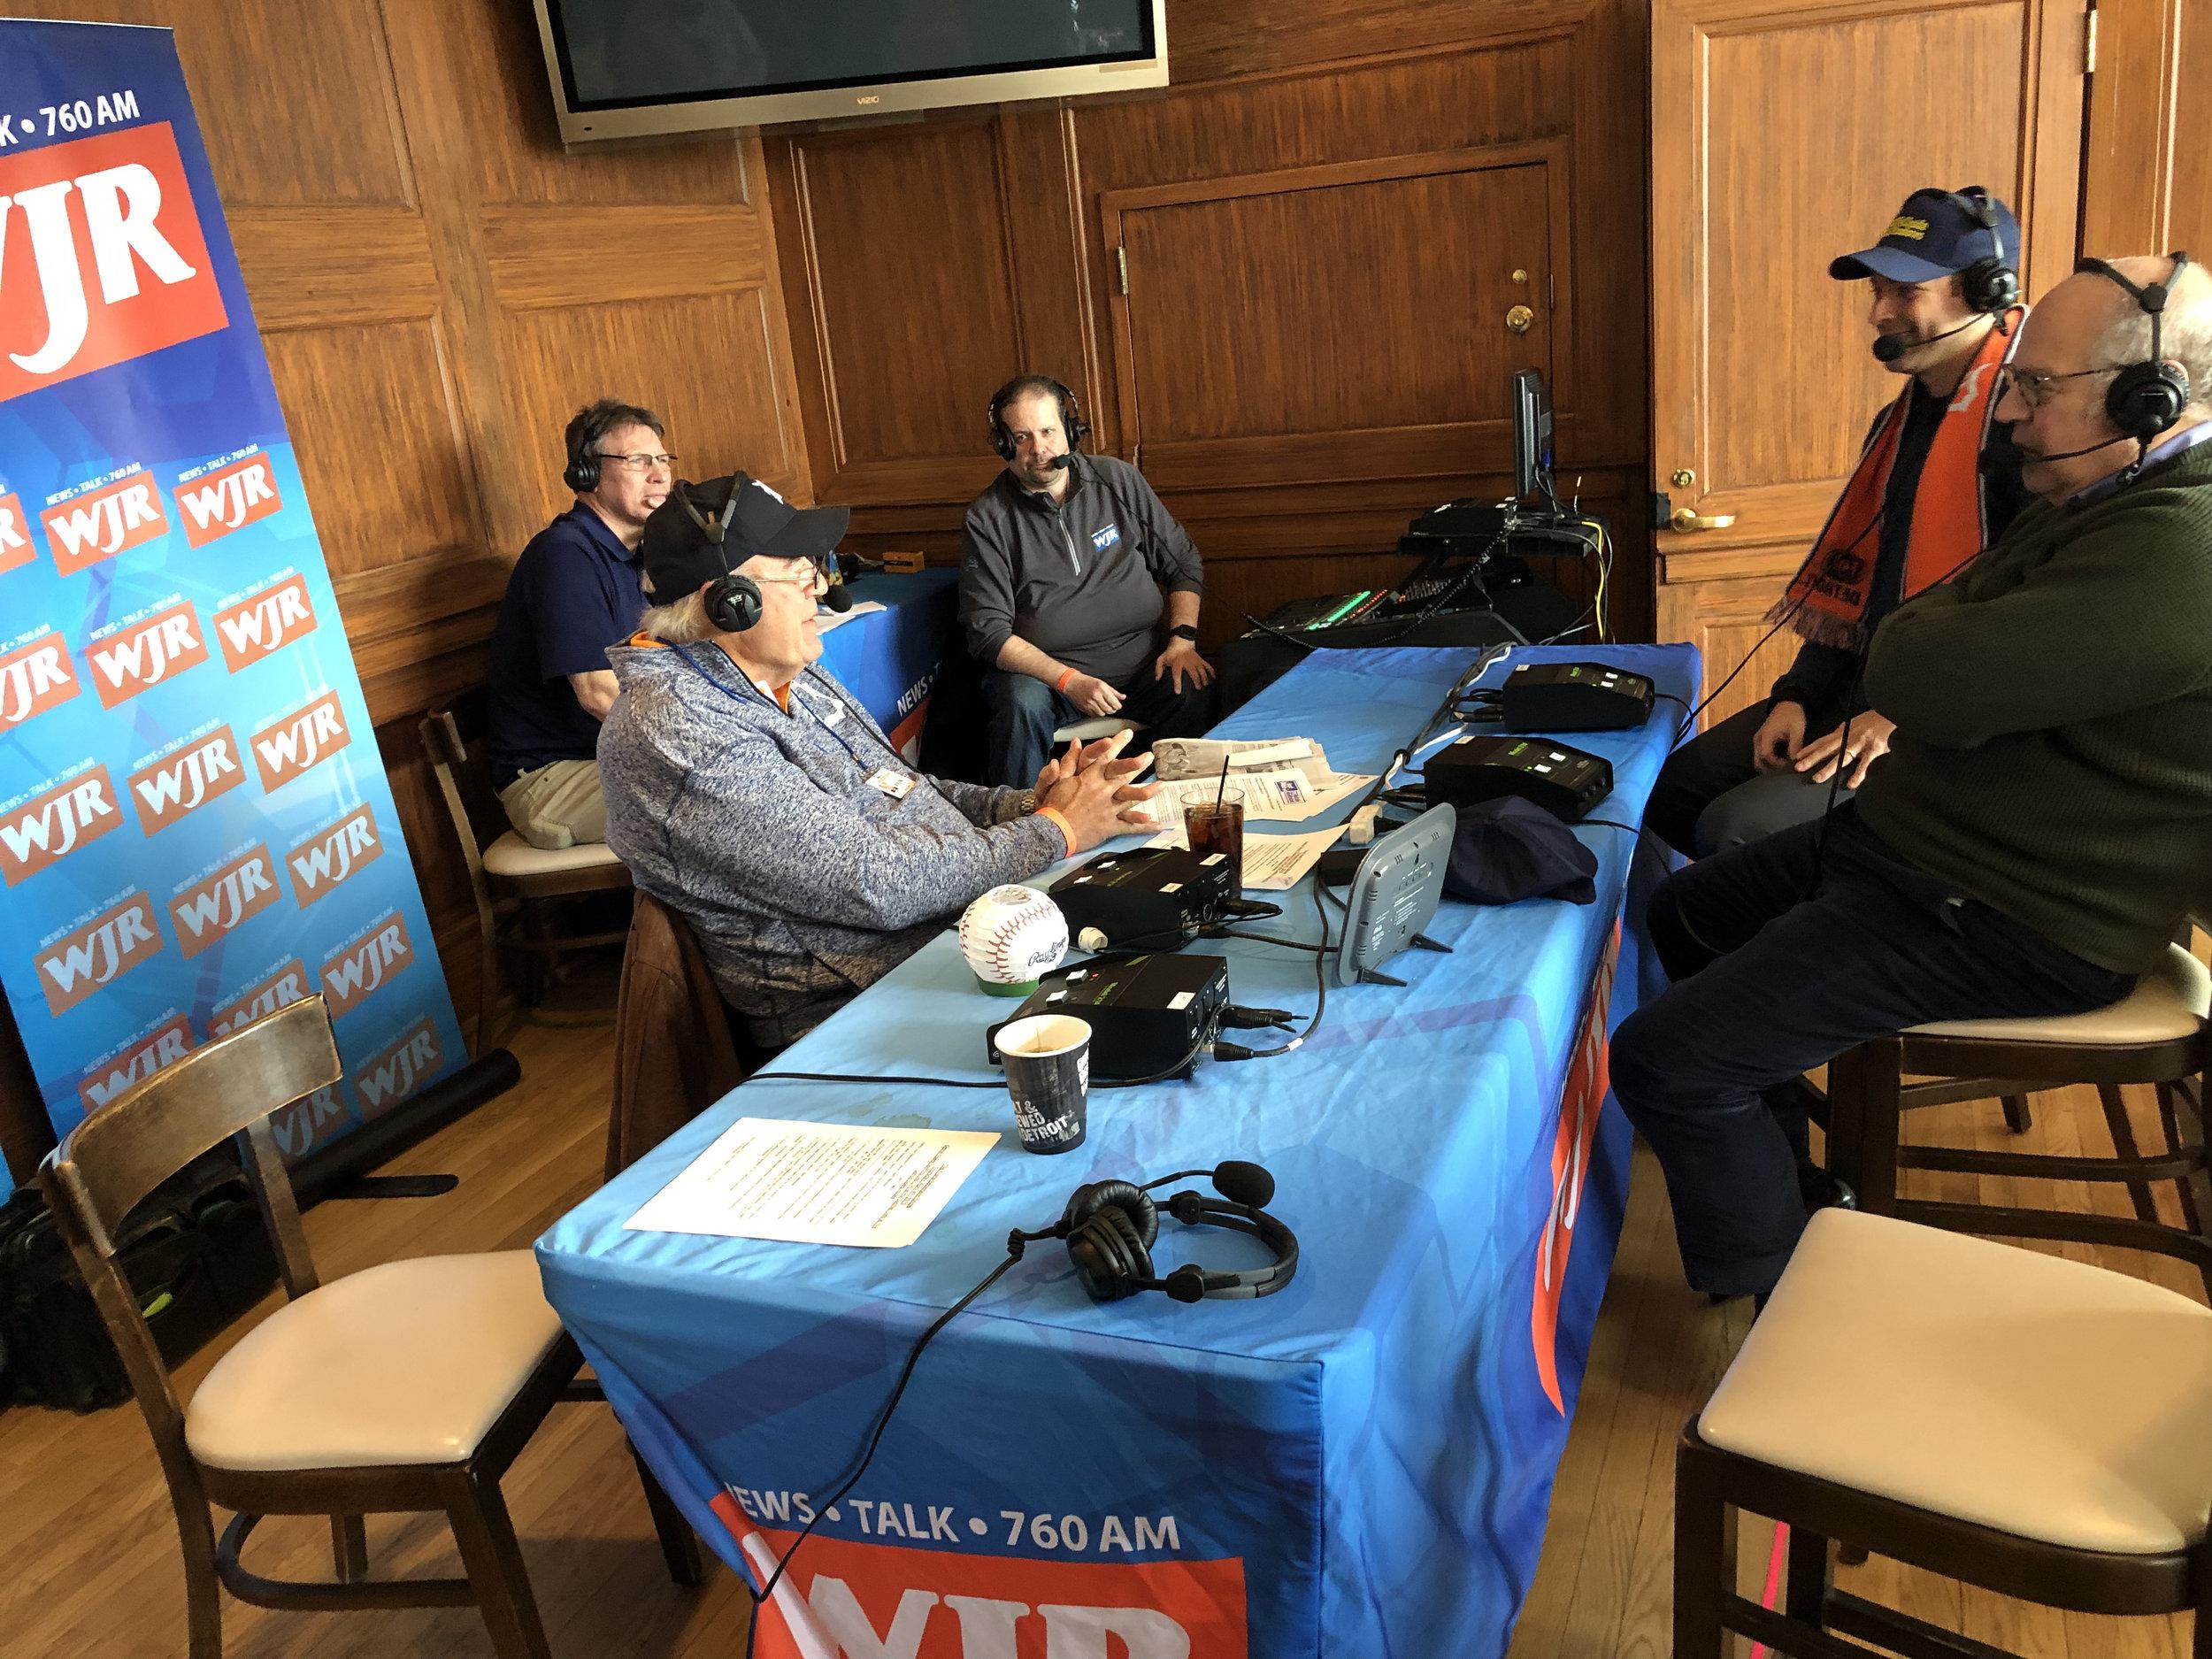 WJR Radio